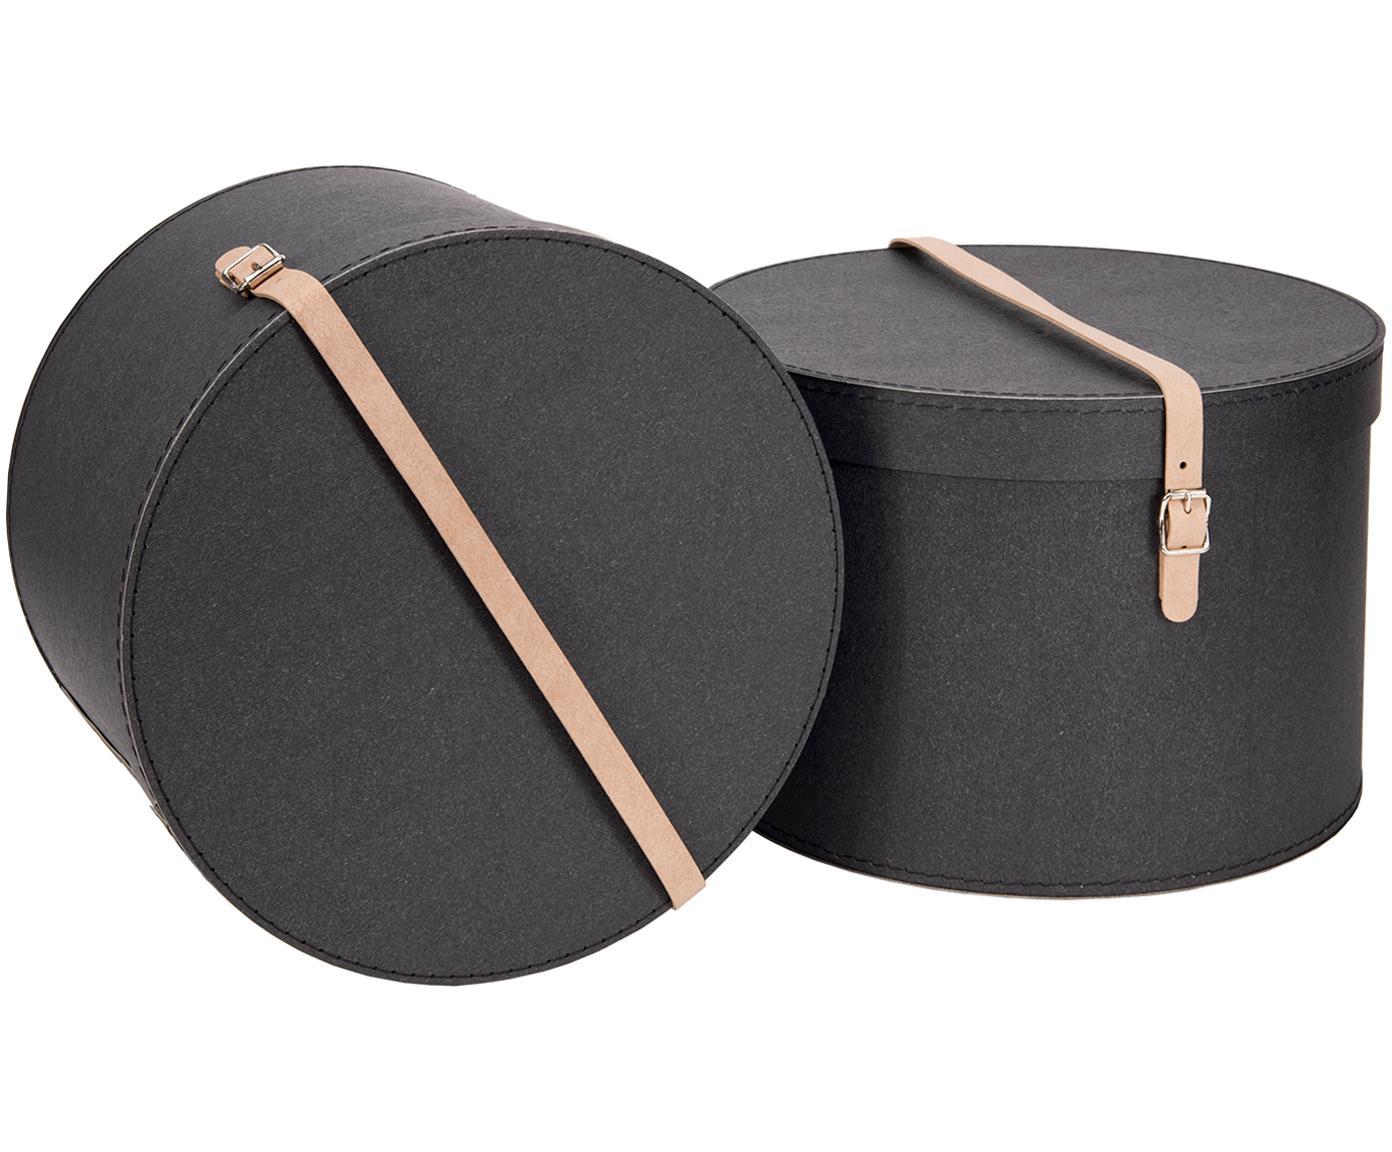 Aufbewahrungsboxen-Set Rut, 2-tlg., Box: Fester Karton, mit Holzde, Griff: Leder, Metall, Box aussen: SchwarzBox innen: SchwarzGriff: Beige, Verschiedene Grössen